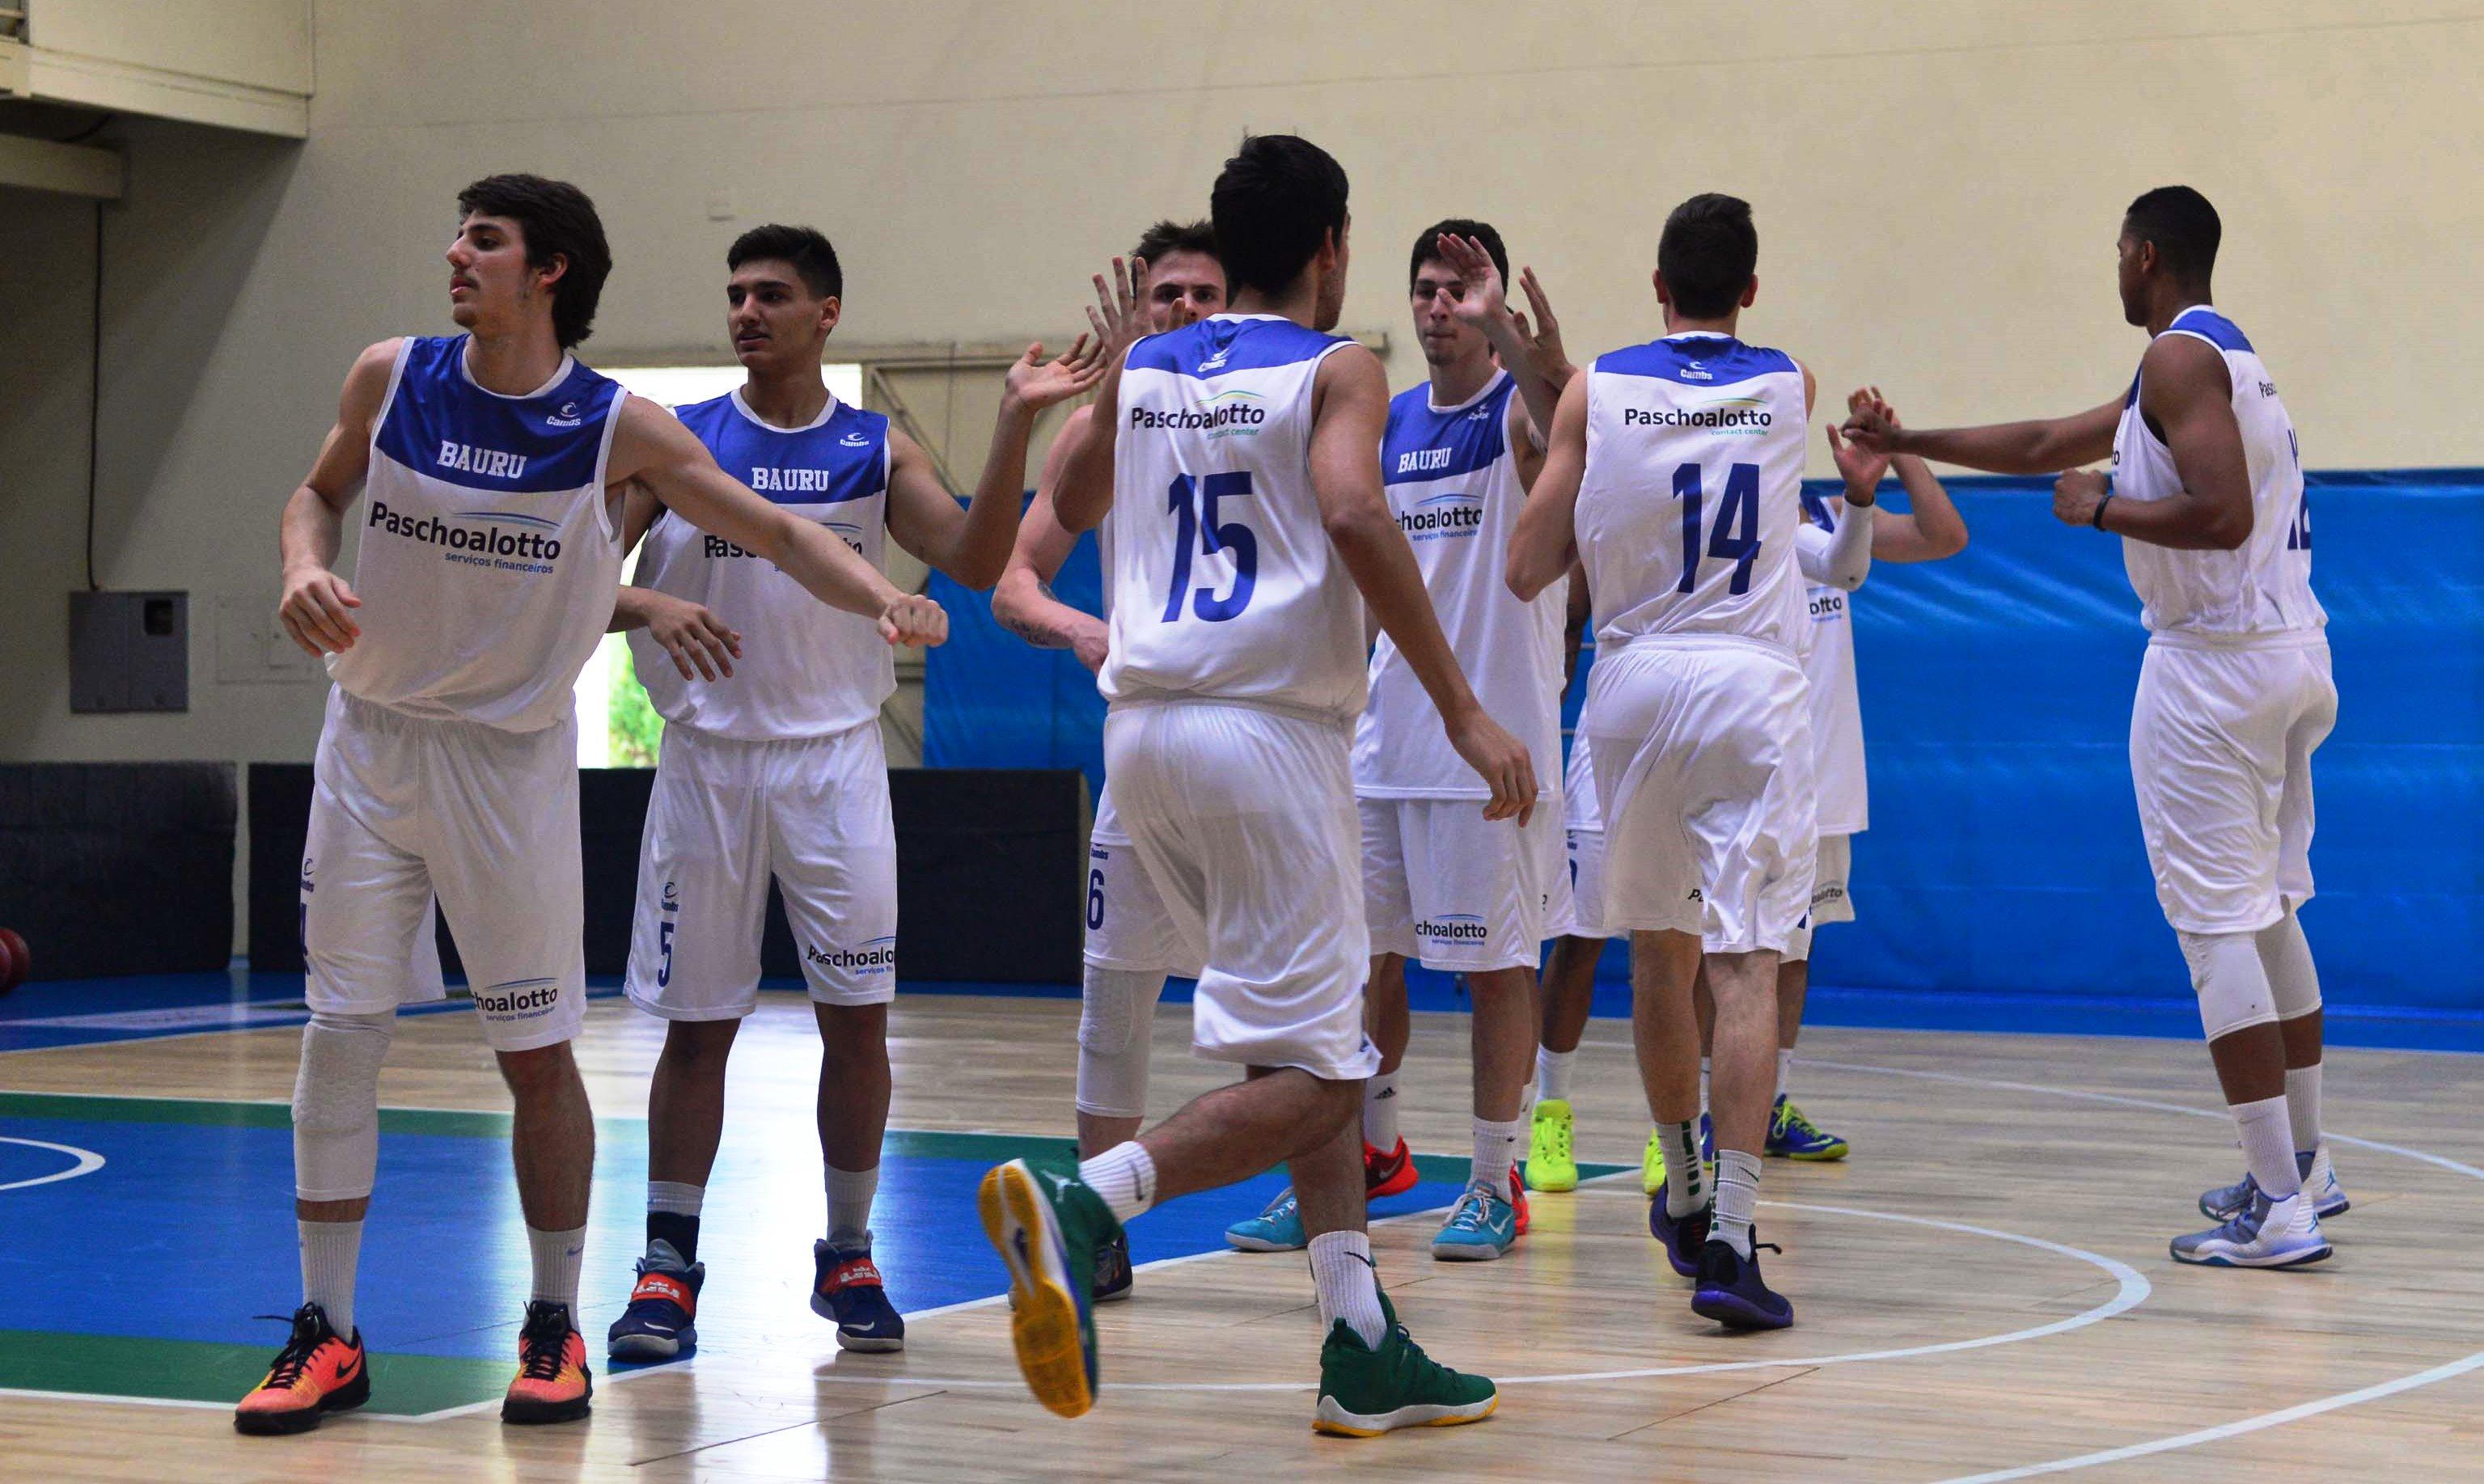 Com grande atuação coletiva, Bauru superou a Seleção Brasileira Sub-17 e chegou ao seu 3º triunfo em 3 jogos na 2ª etapa da LDB 2015 (João Pires/LNB)